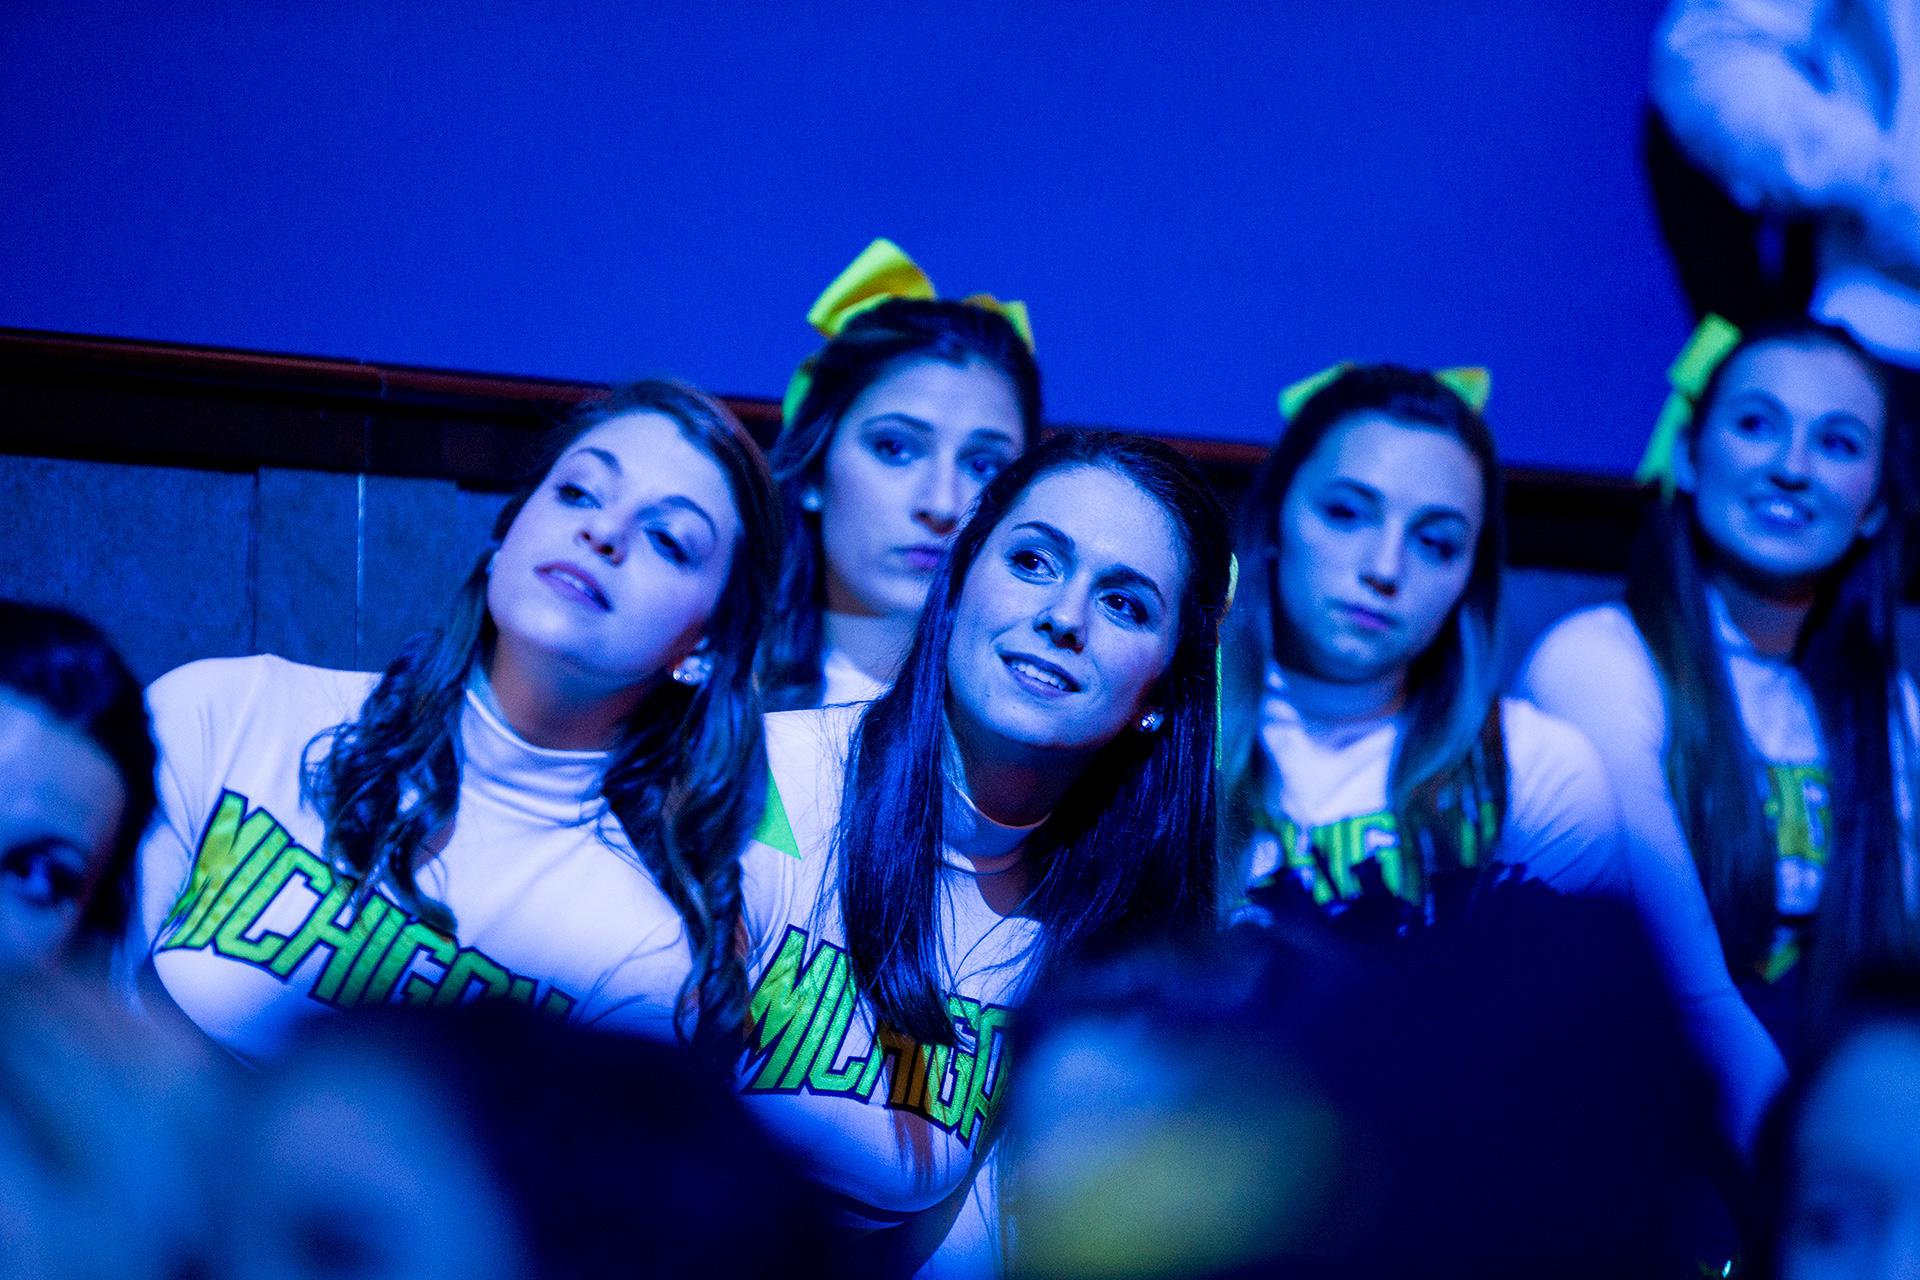 Cheerleaders look on.